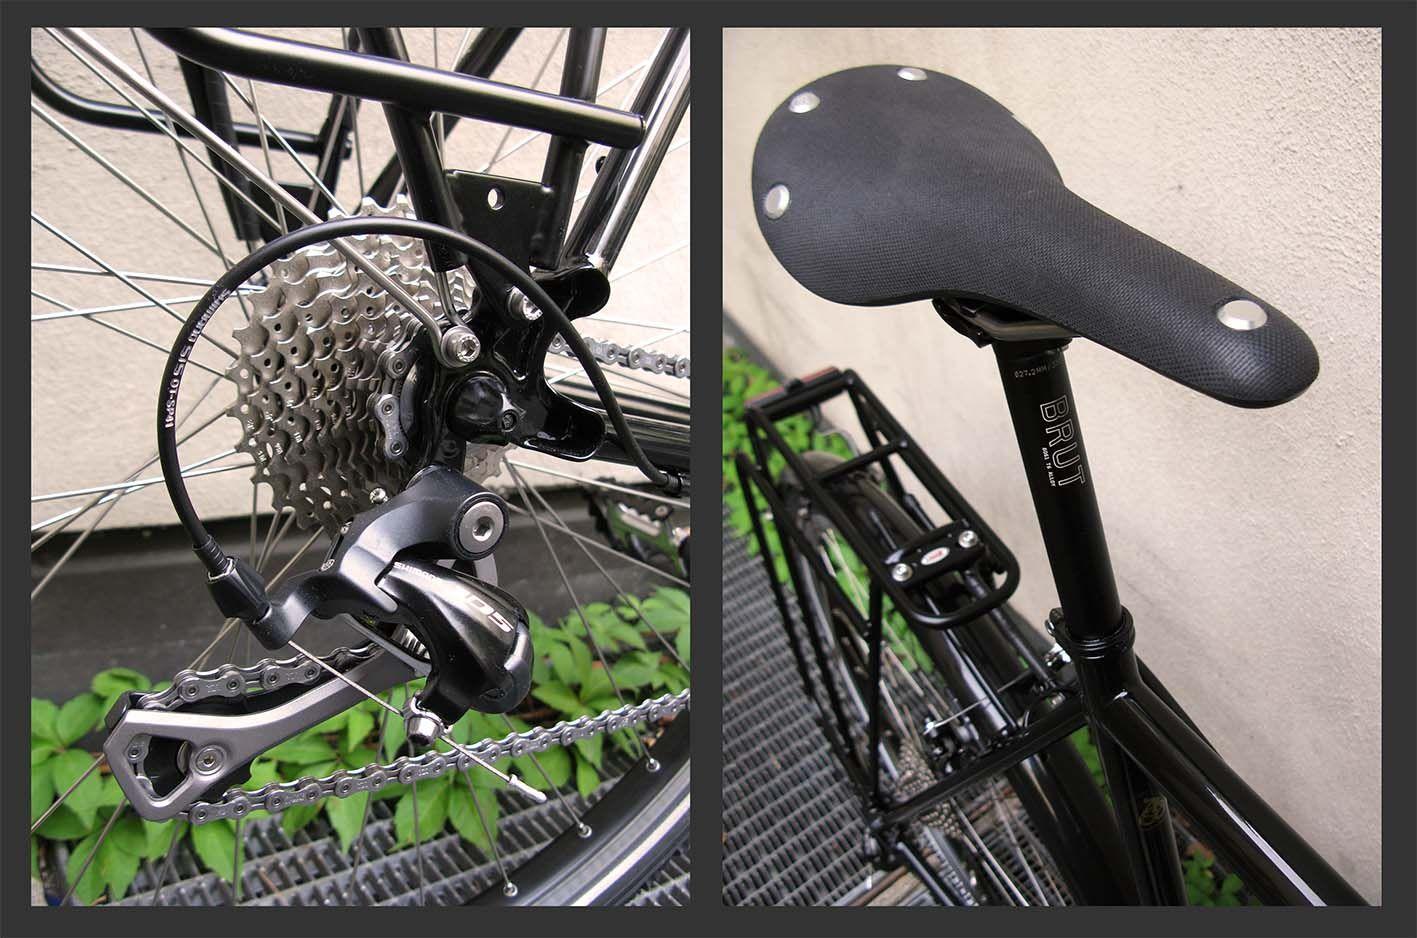 Surly Long Haul Trucker Bike Built At Guten Biken Bike Shop And